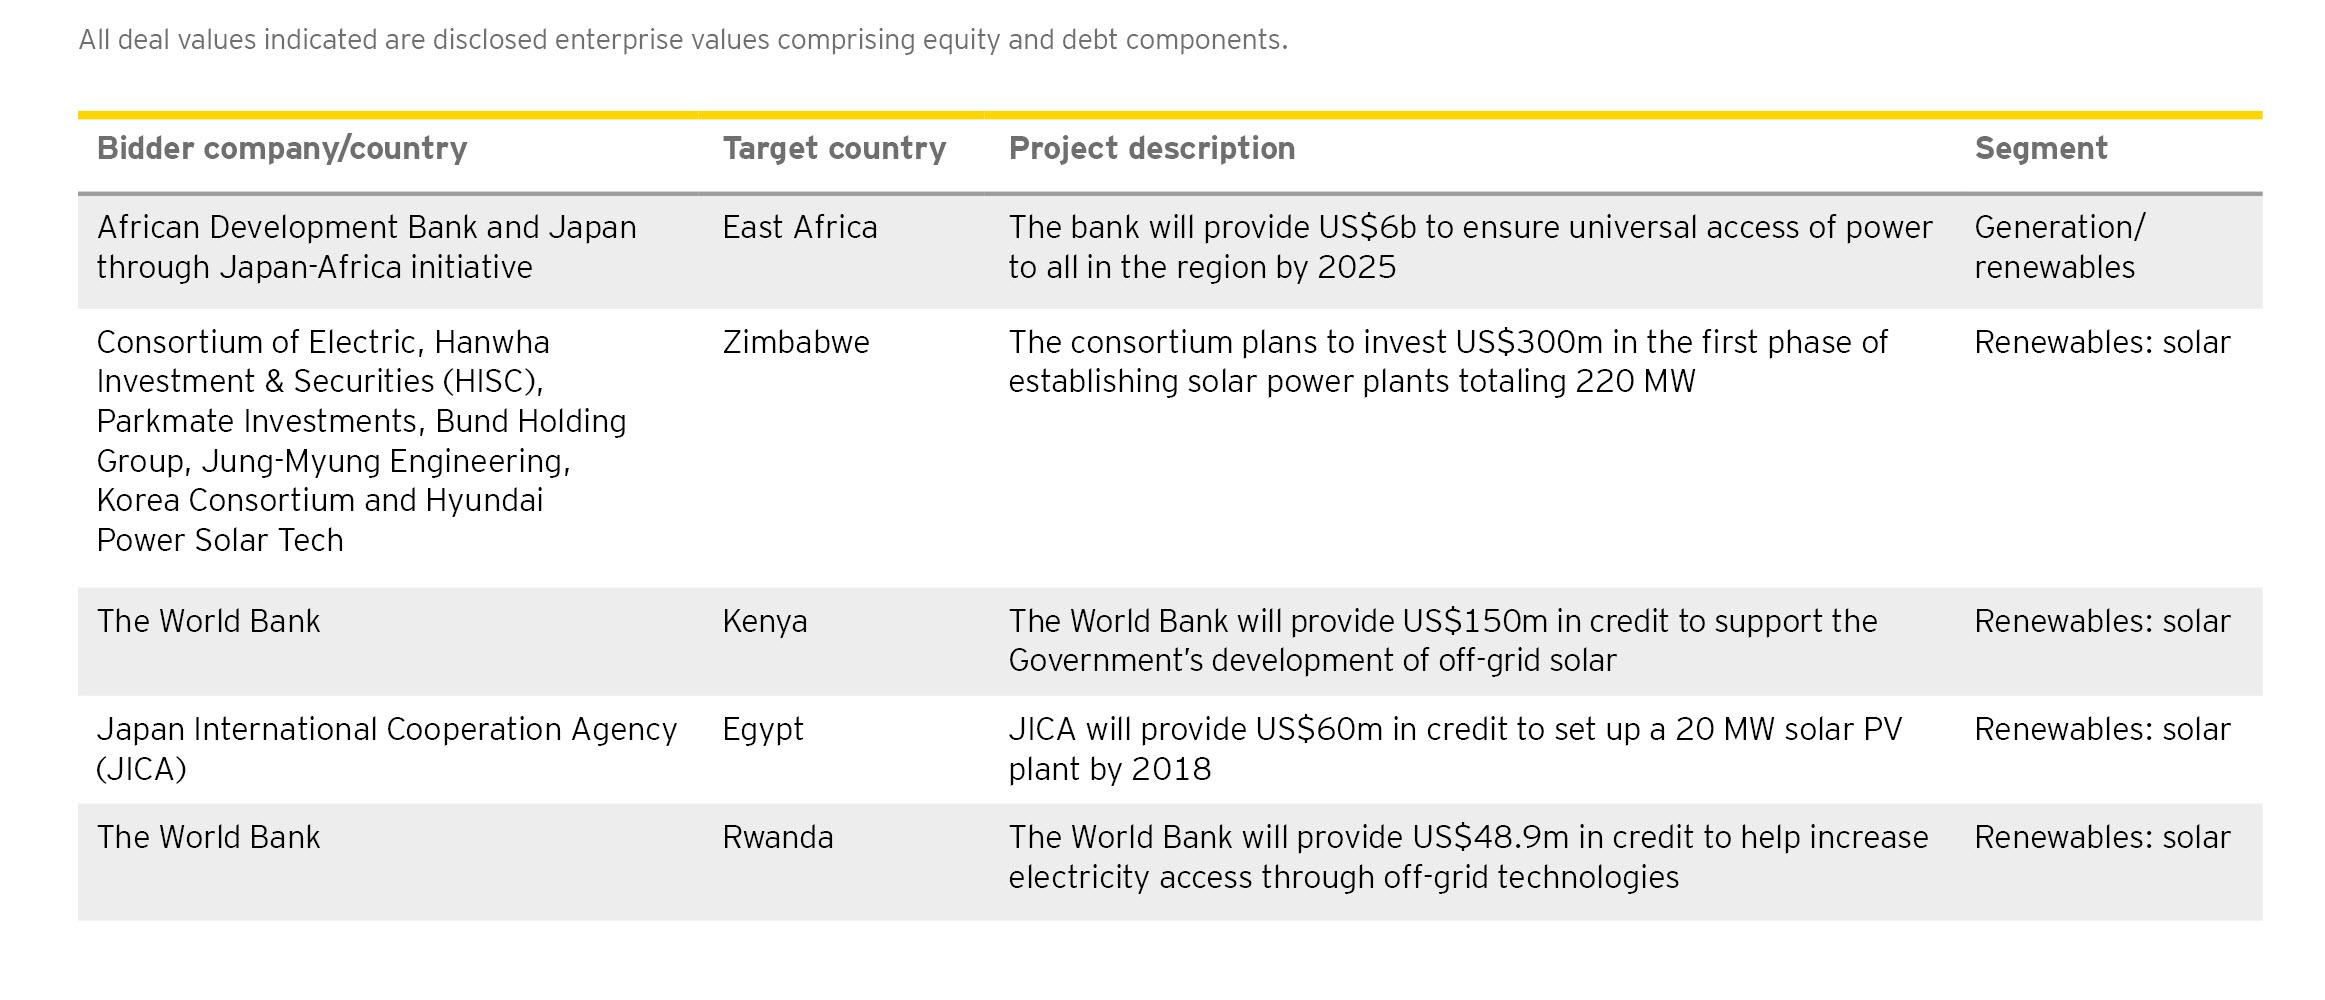 EY - Top investment deals, Q3 2017